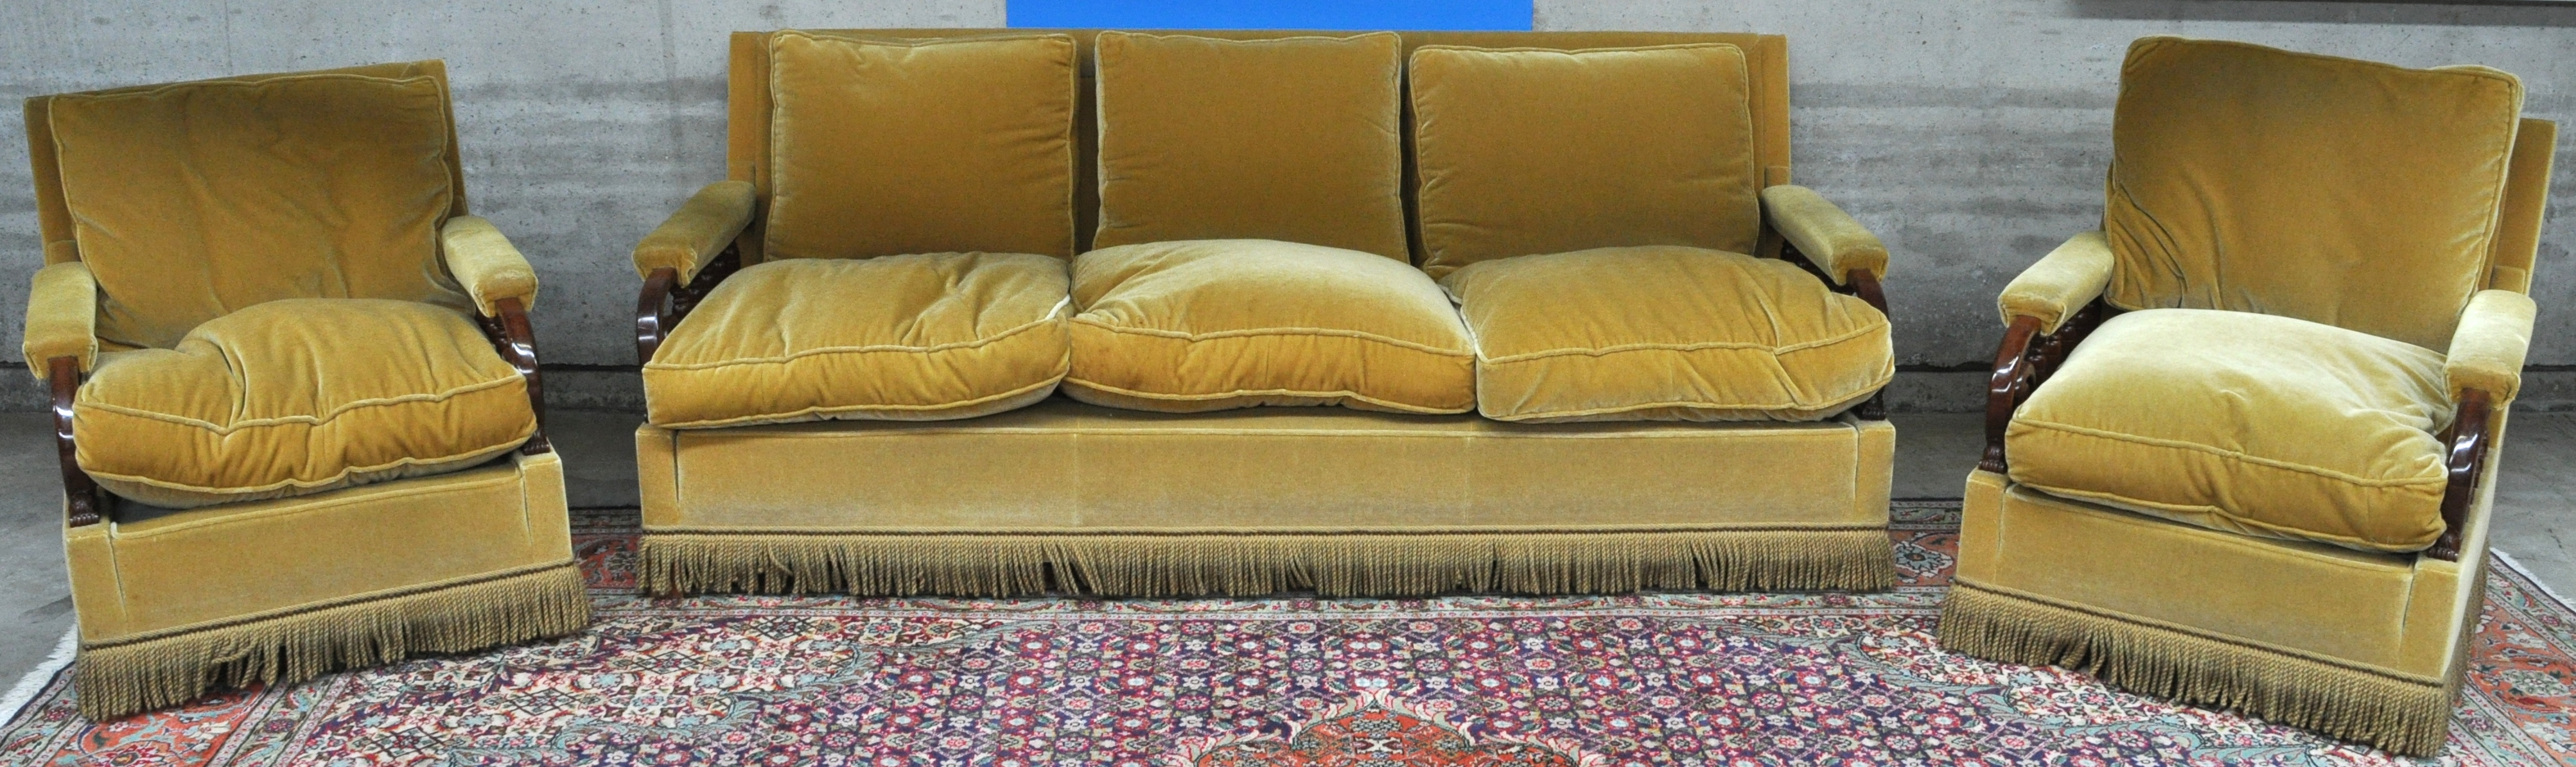 Een driedelig salongarnituur bekleed met geel fluweel jordaens n v veilinghuis - Geel fluweel ...